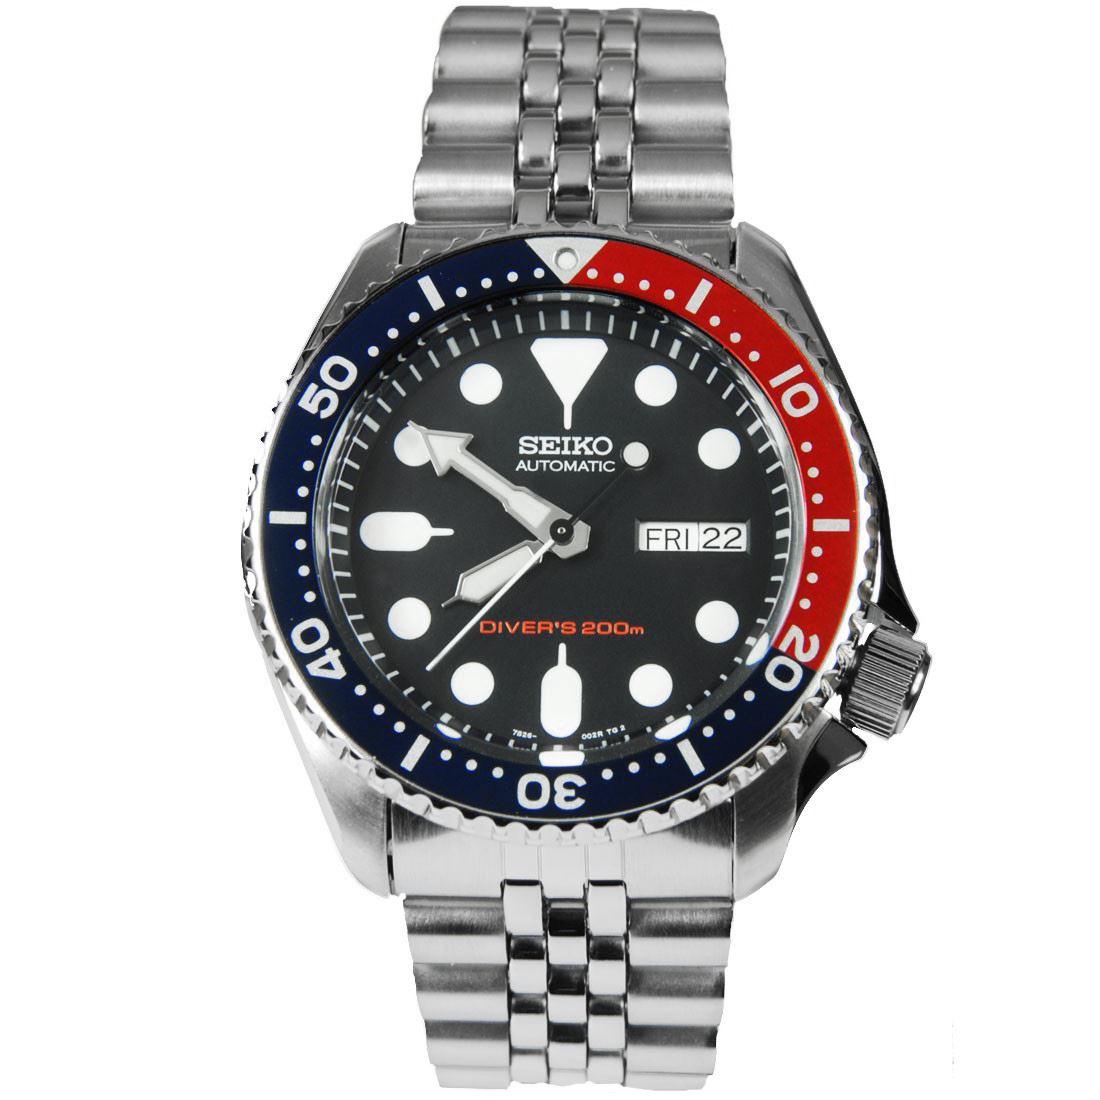 TOP-SELLING-Seiko-SKX009-SKX009J1-SKX009J2-SKX009K1-SKX009K2-Pepsi-Dive-Watch thumbnail 28